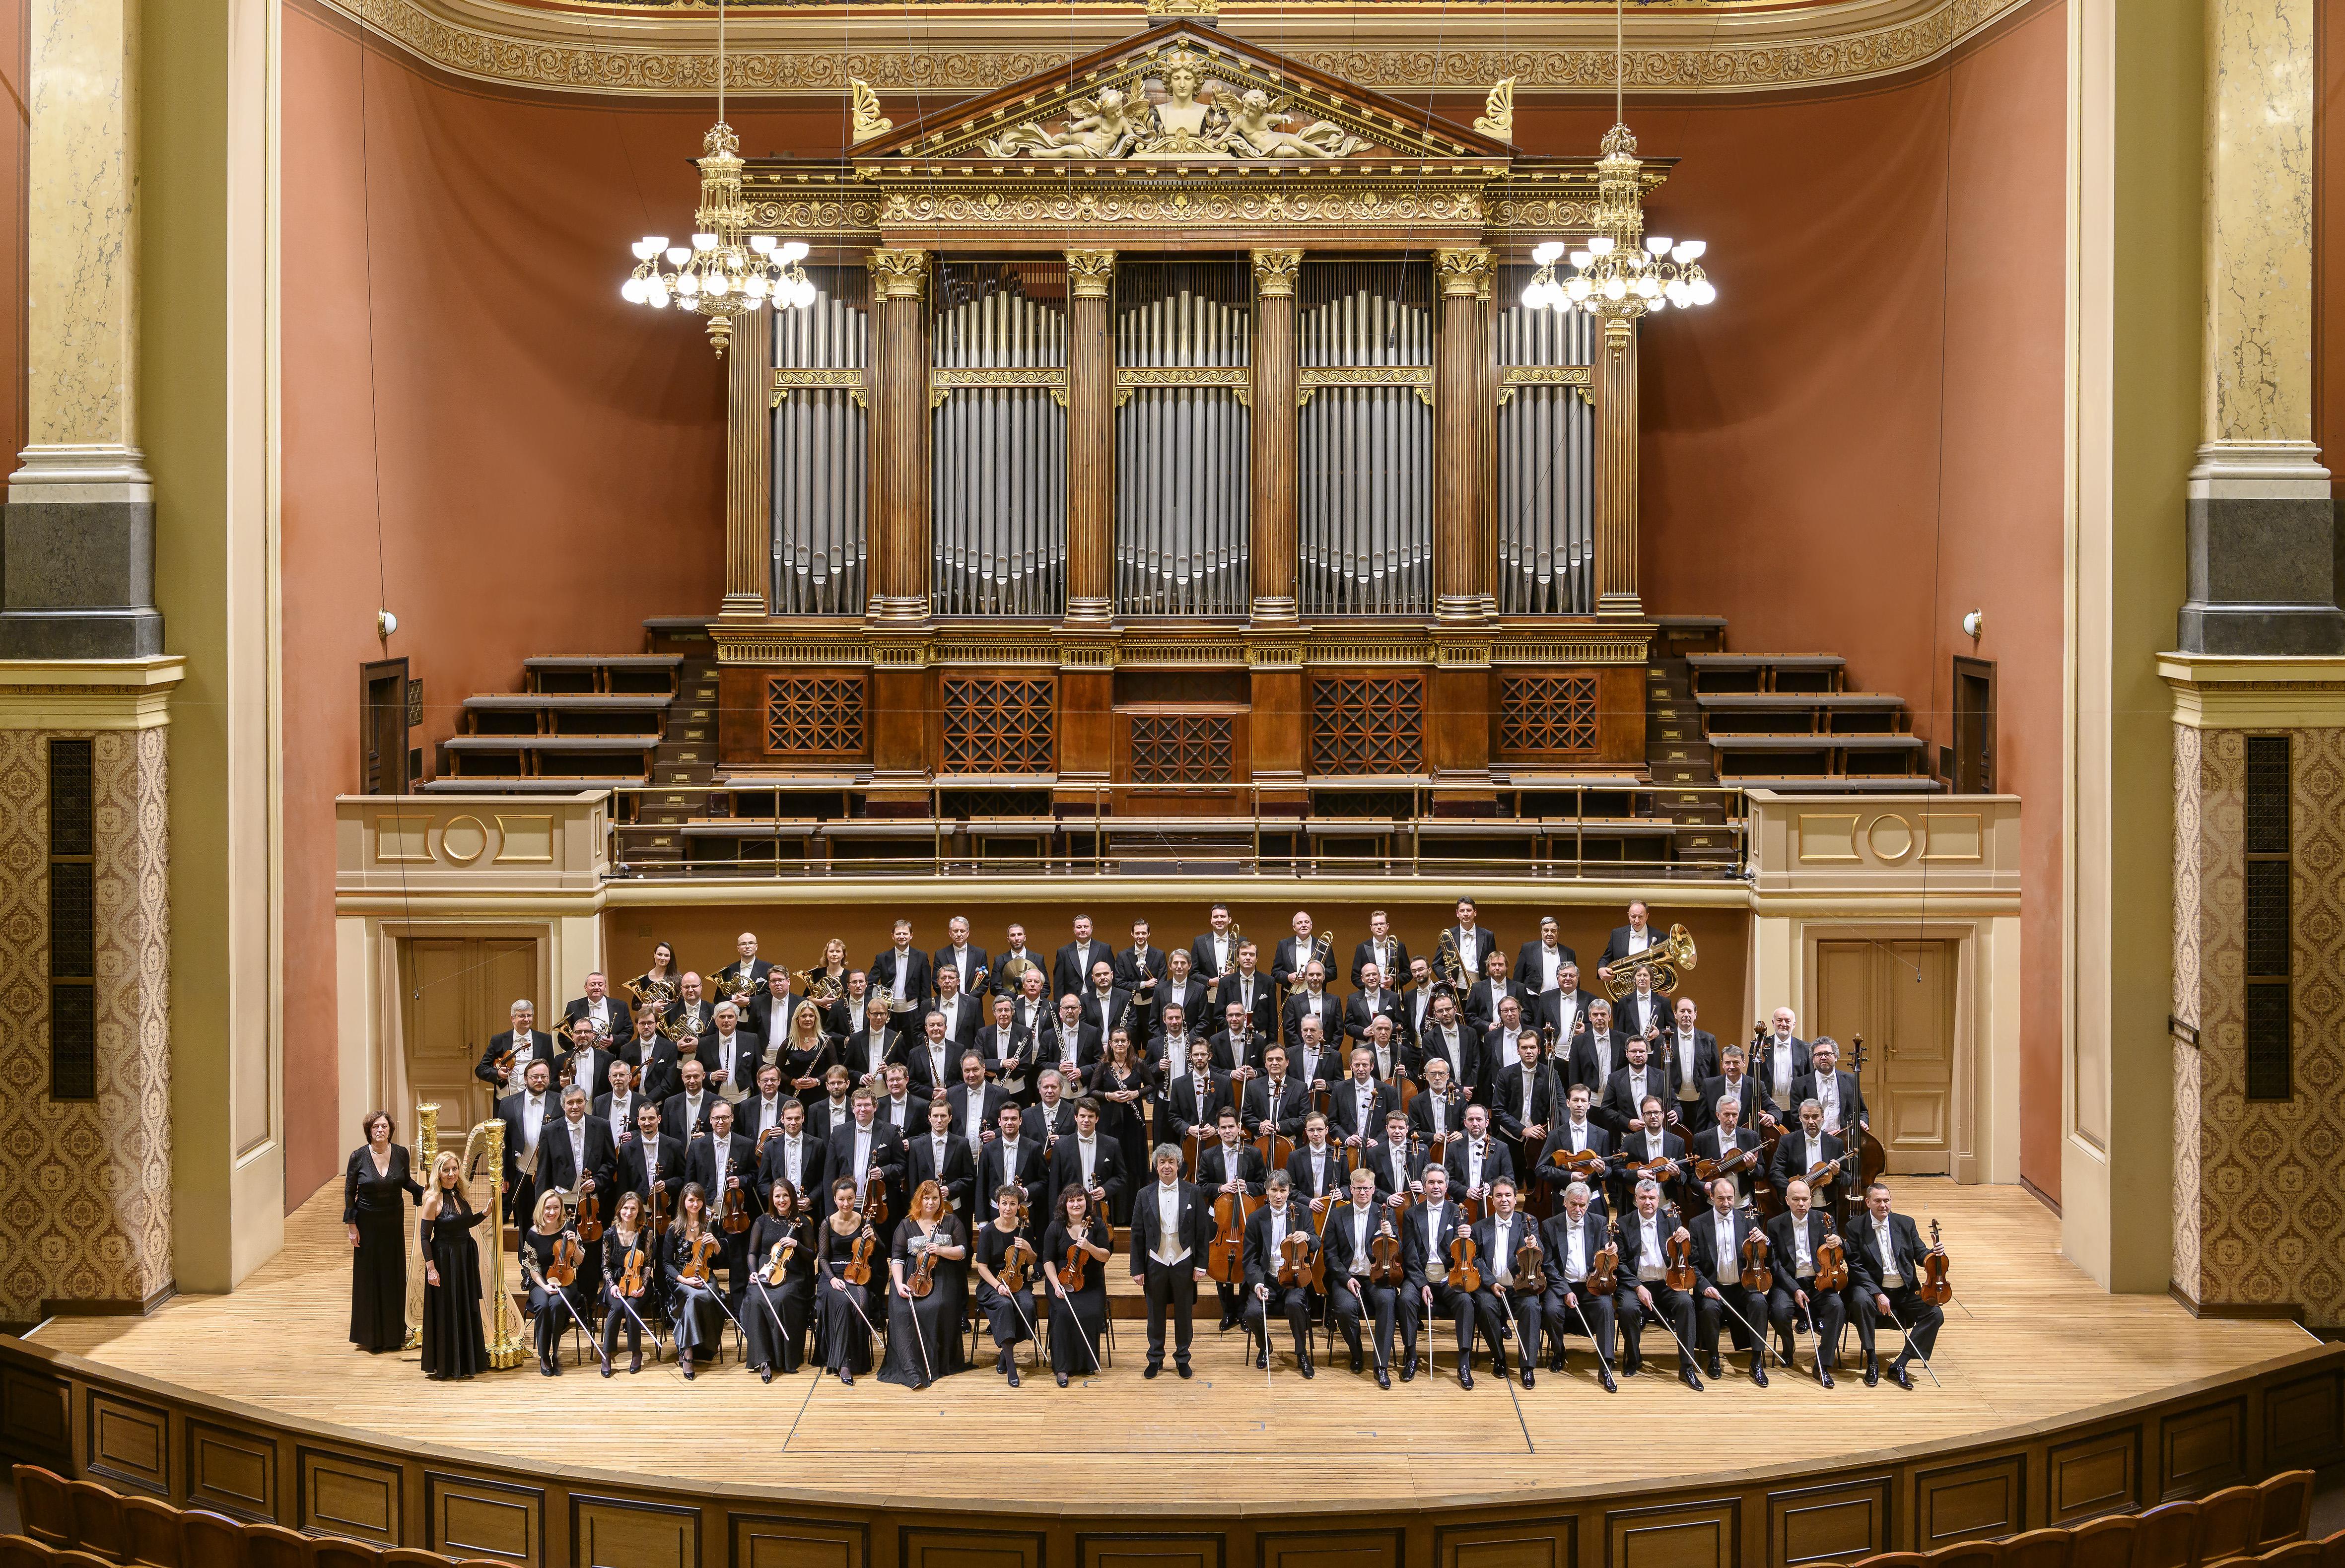 © Česká filharmonie/Petra Hajská